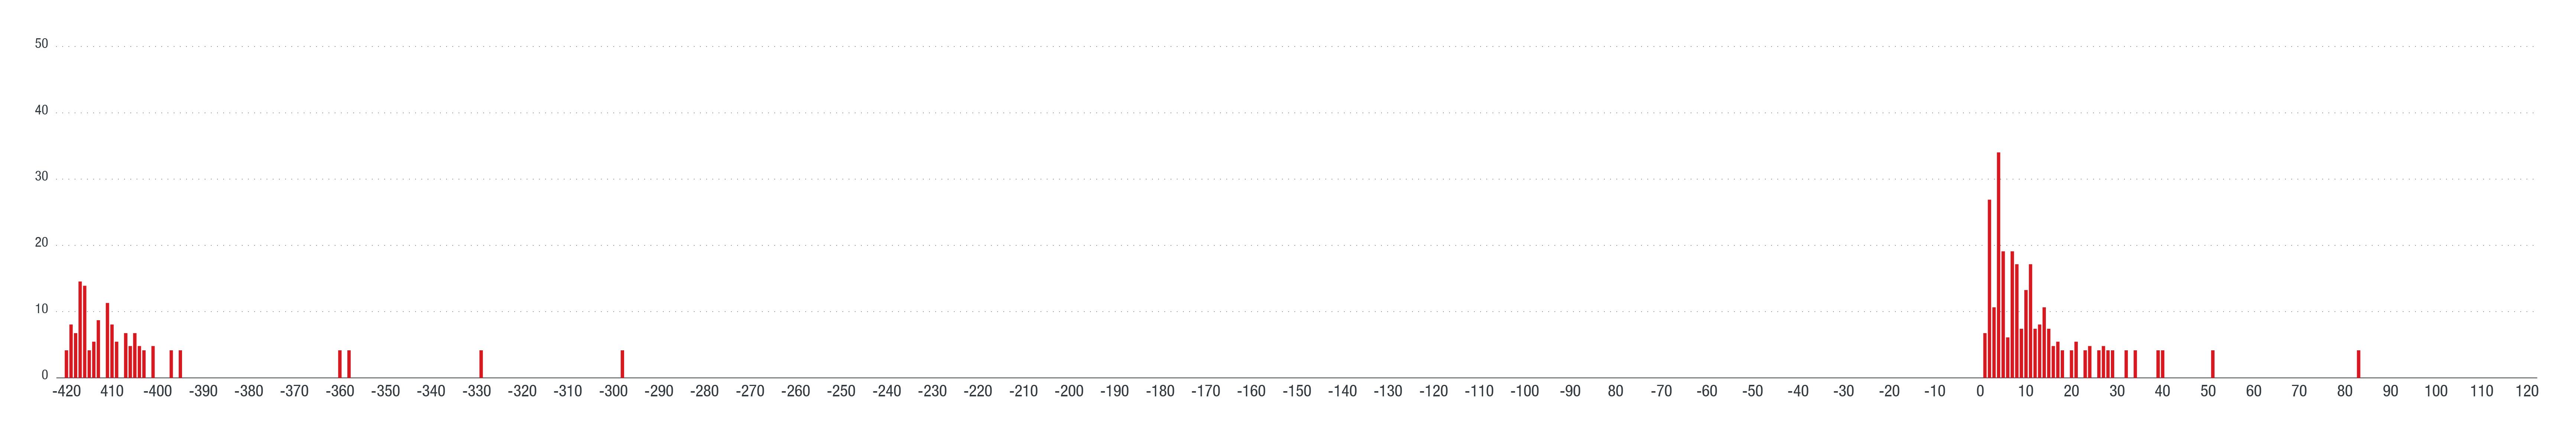 初検出時刻とコンパイル時刻の差(delta)の分布